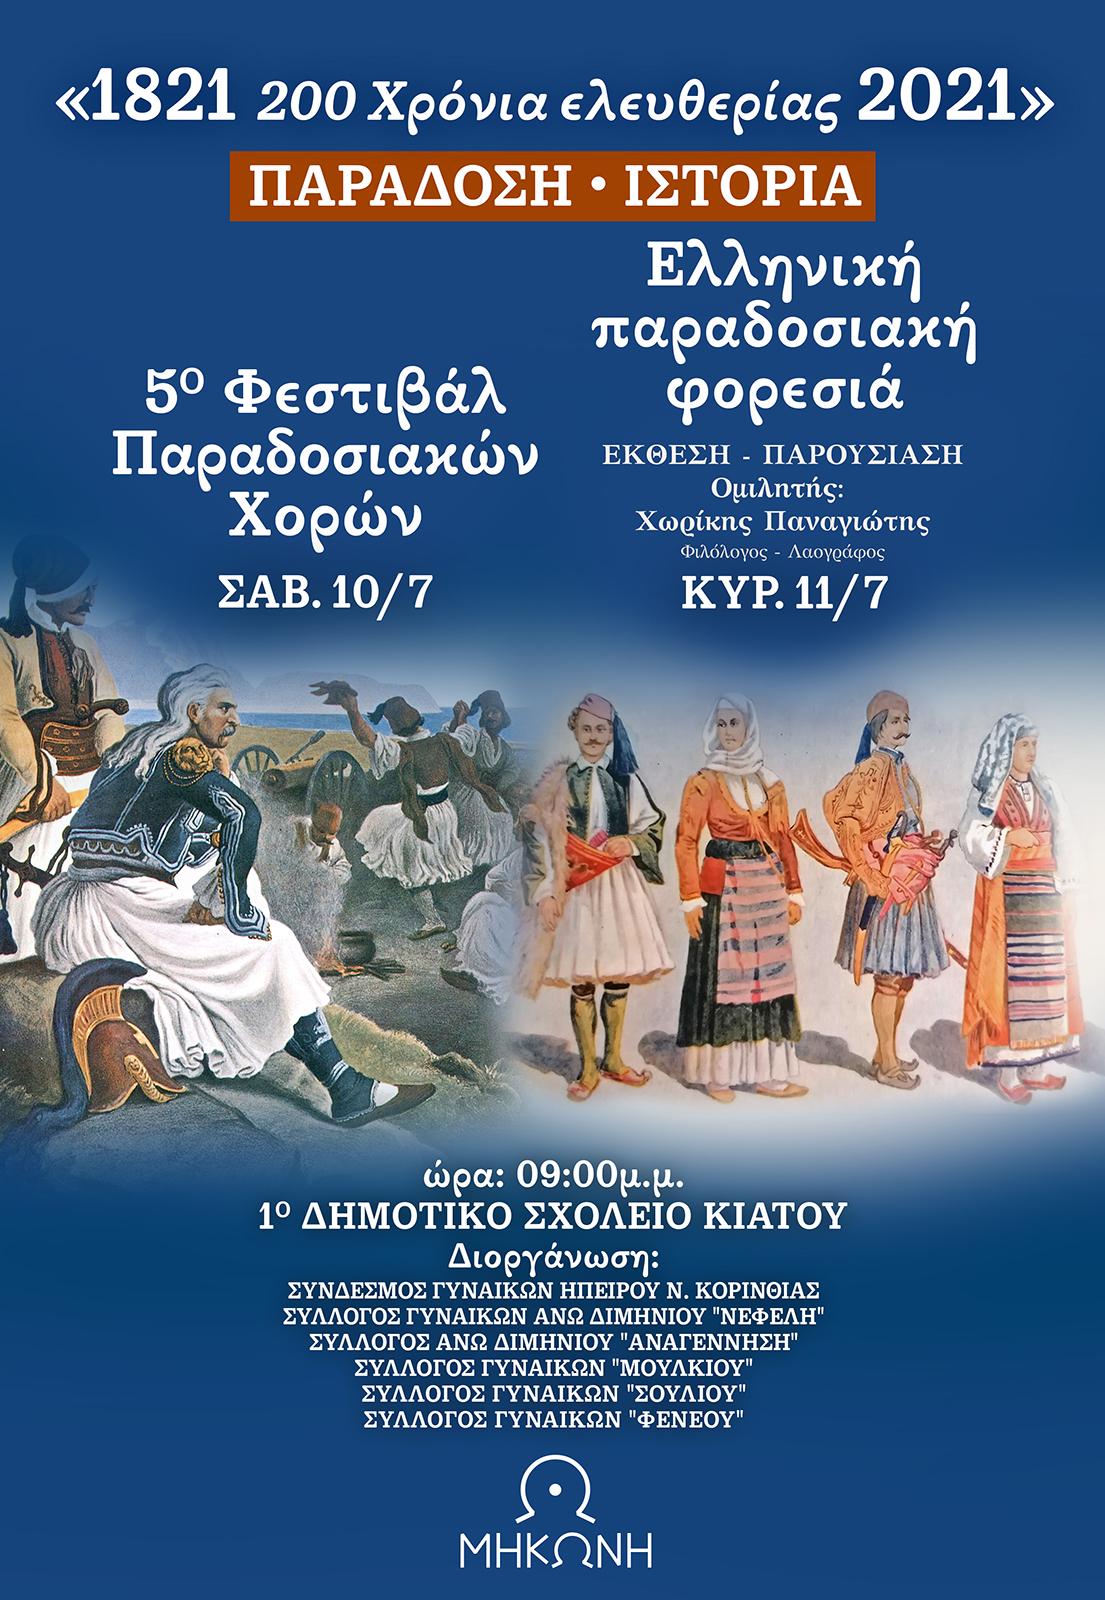 «1821 200 Χρόνια Ελευθερίας 2021» Διήμερο Αφιέρωμα στην παράδοση και την ιστορία μας